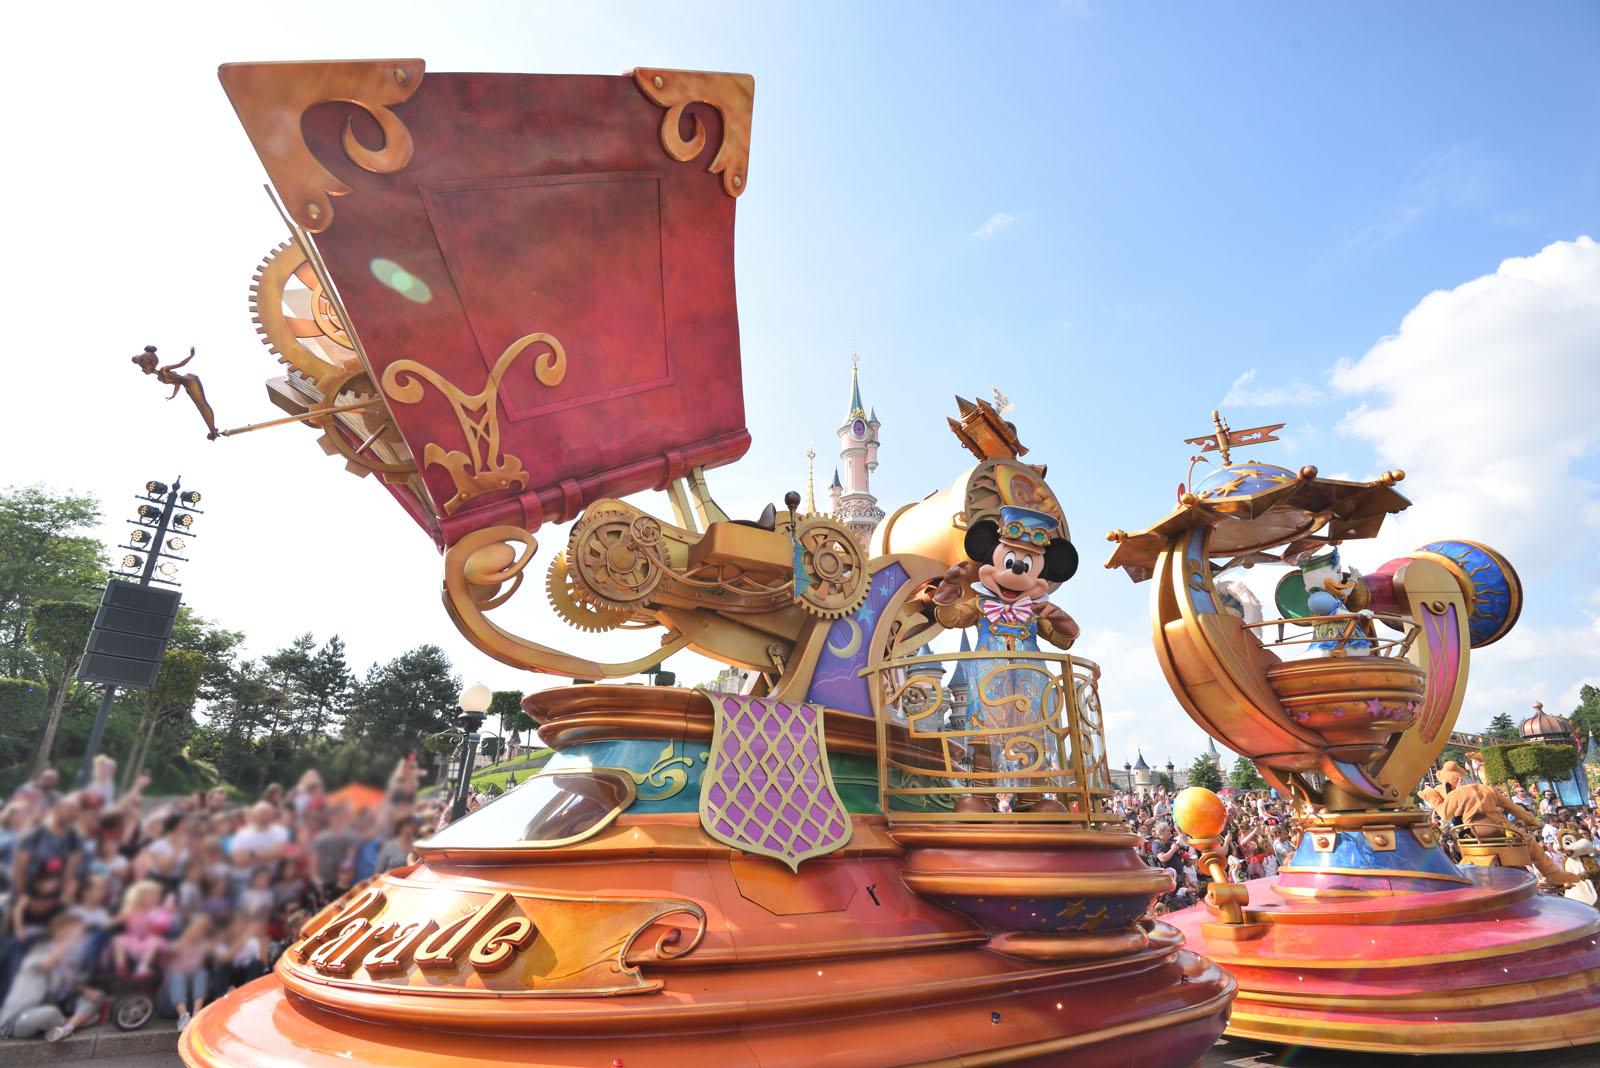 ディズニーランド・パリ ディズニー・スターズ・オン・パレード Disneyland Paris Disney Stars on Parade